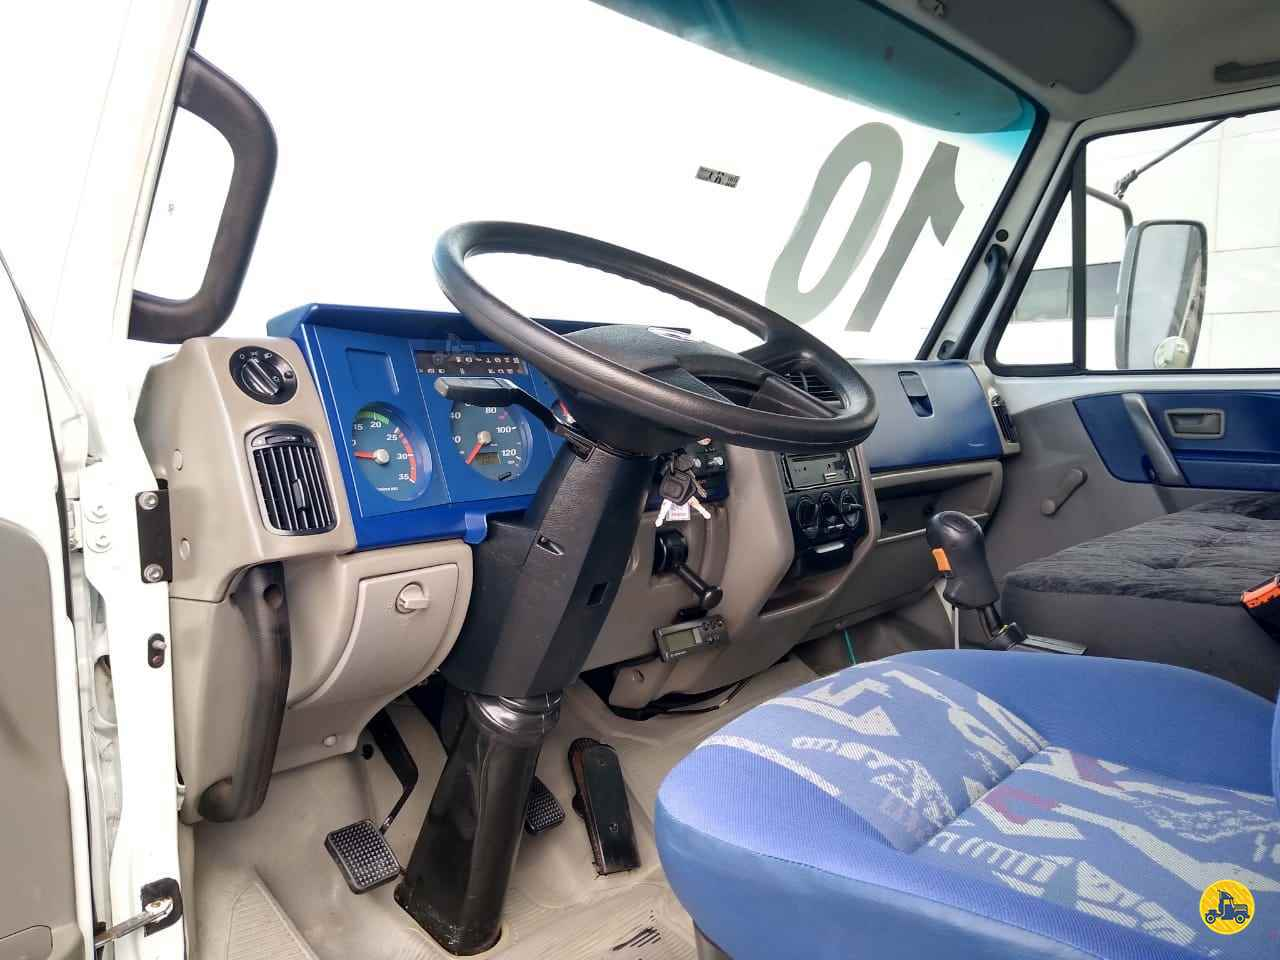 VOLKSWAGEN VW 15180  2010/2010 Marka Veículos - VW